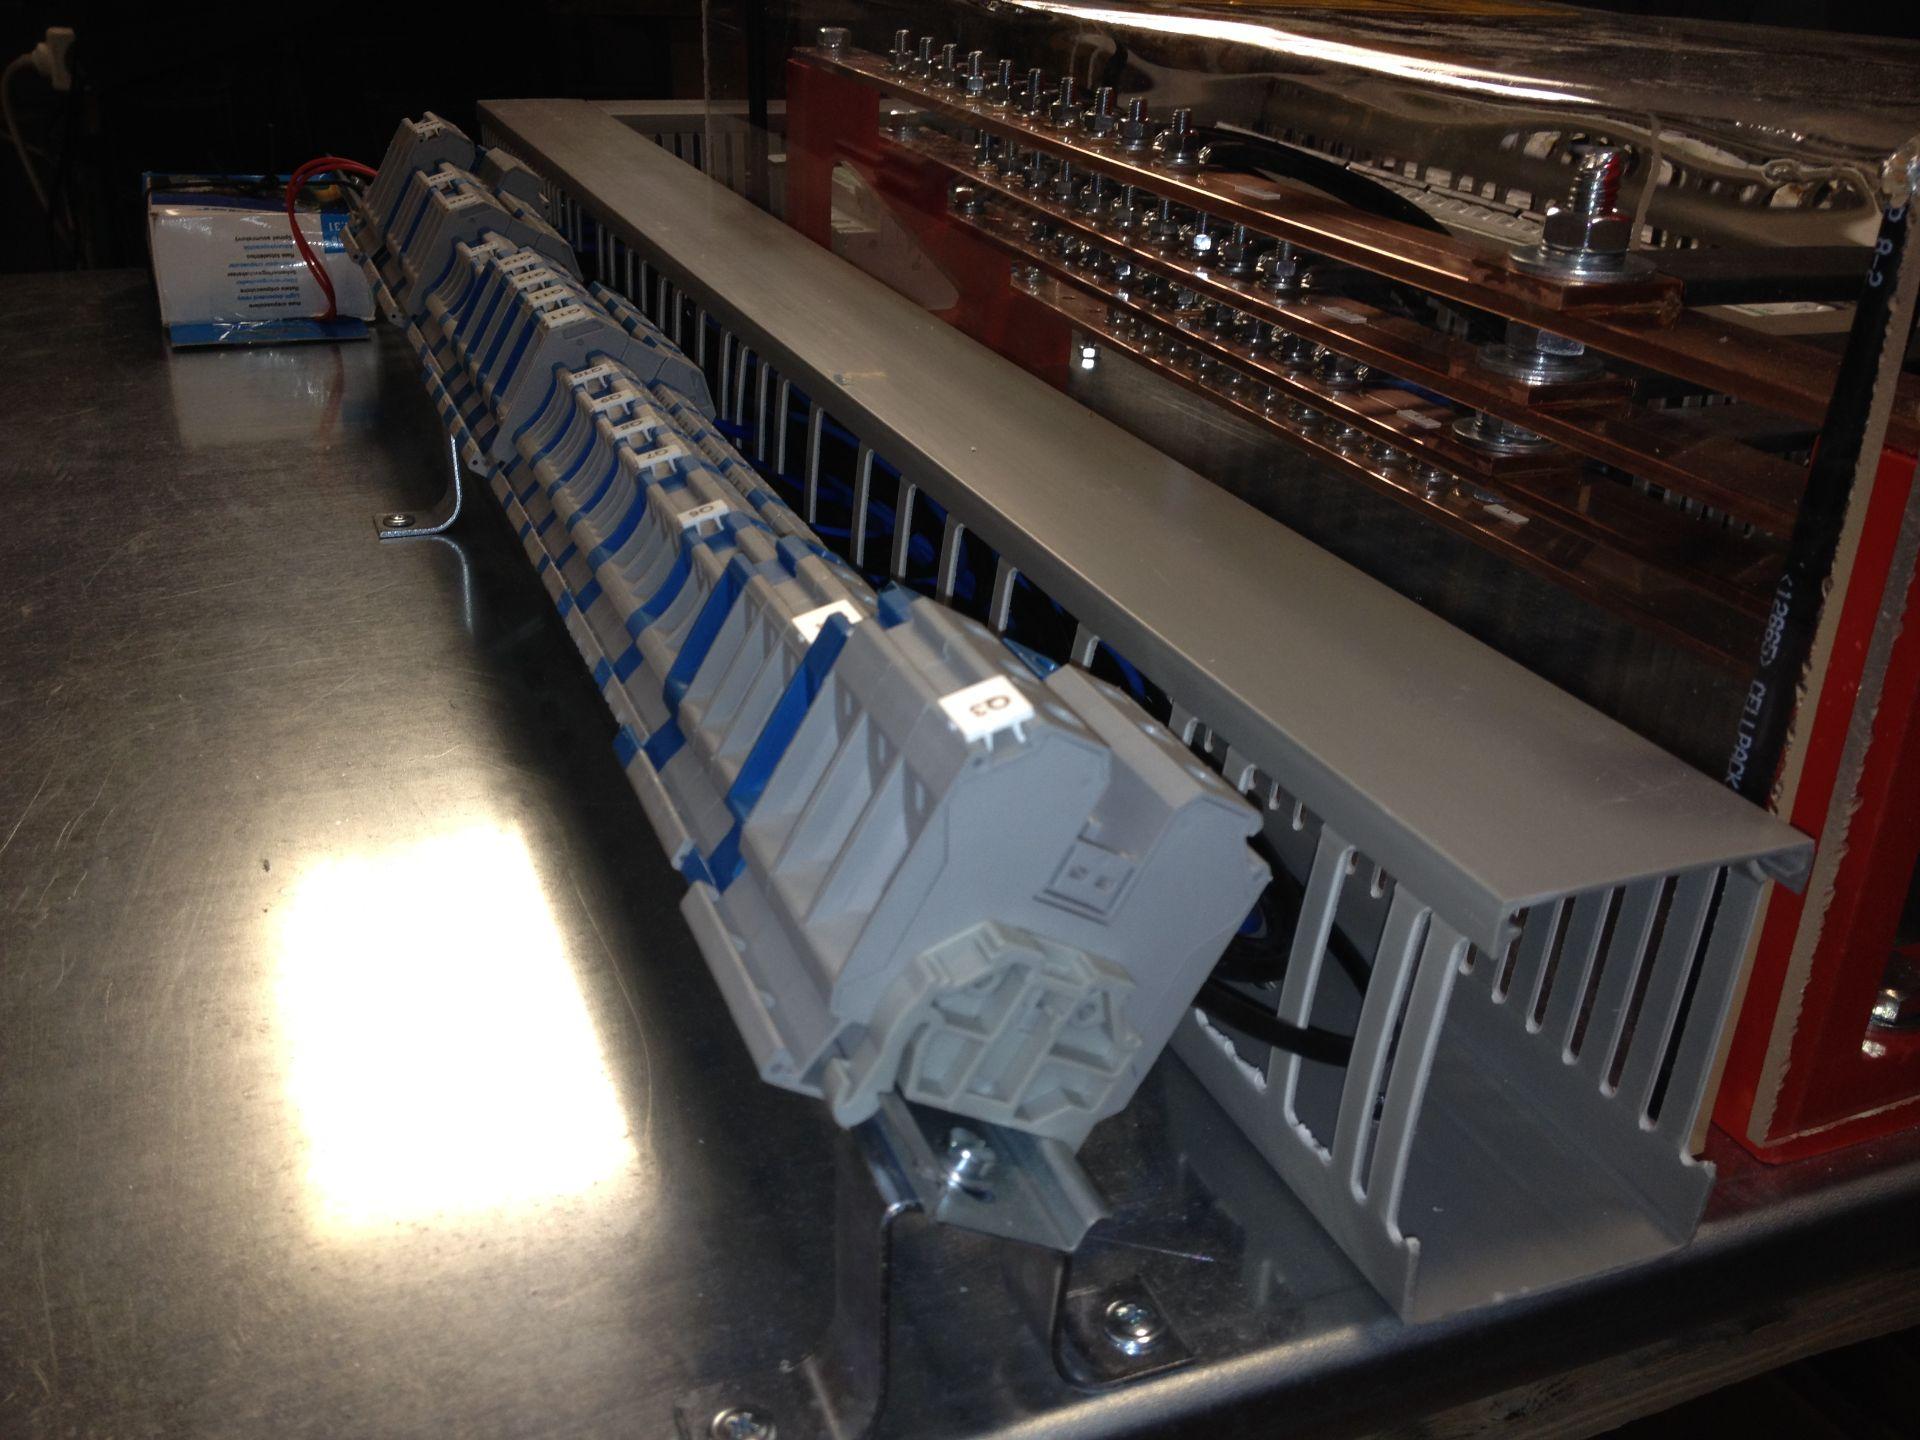 Tablouri electrice și automatizări IMG 5518